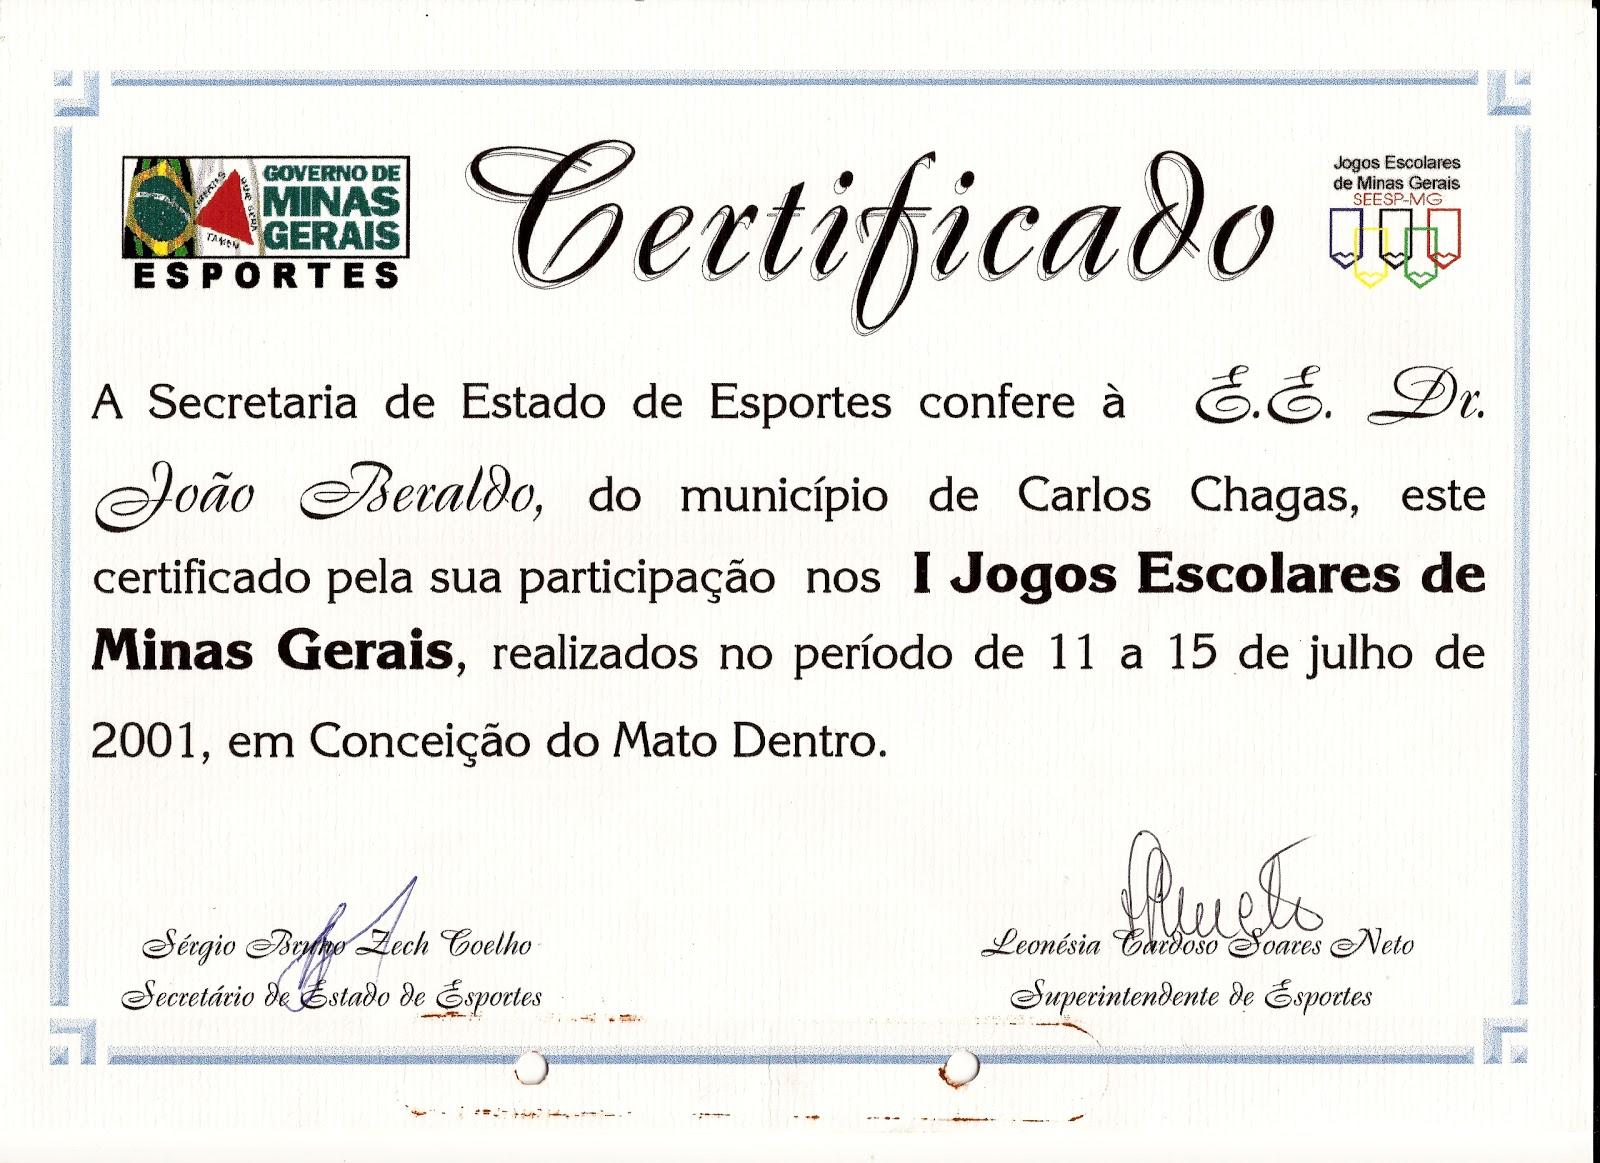 Informativo Girassol Certificado De Participação No Iºjogos